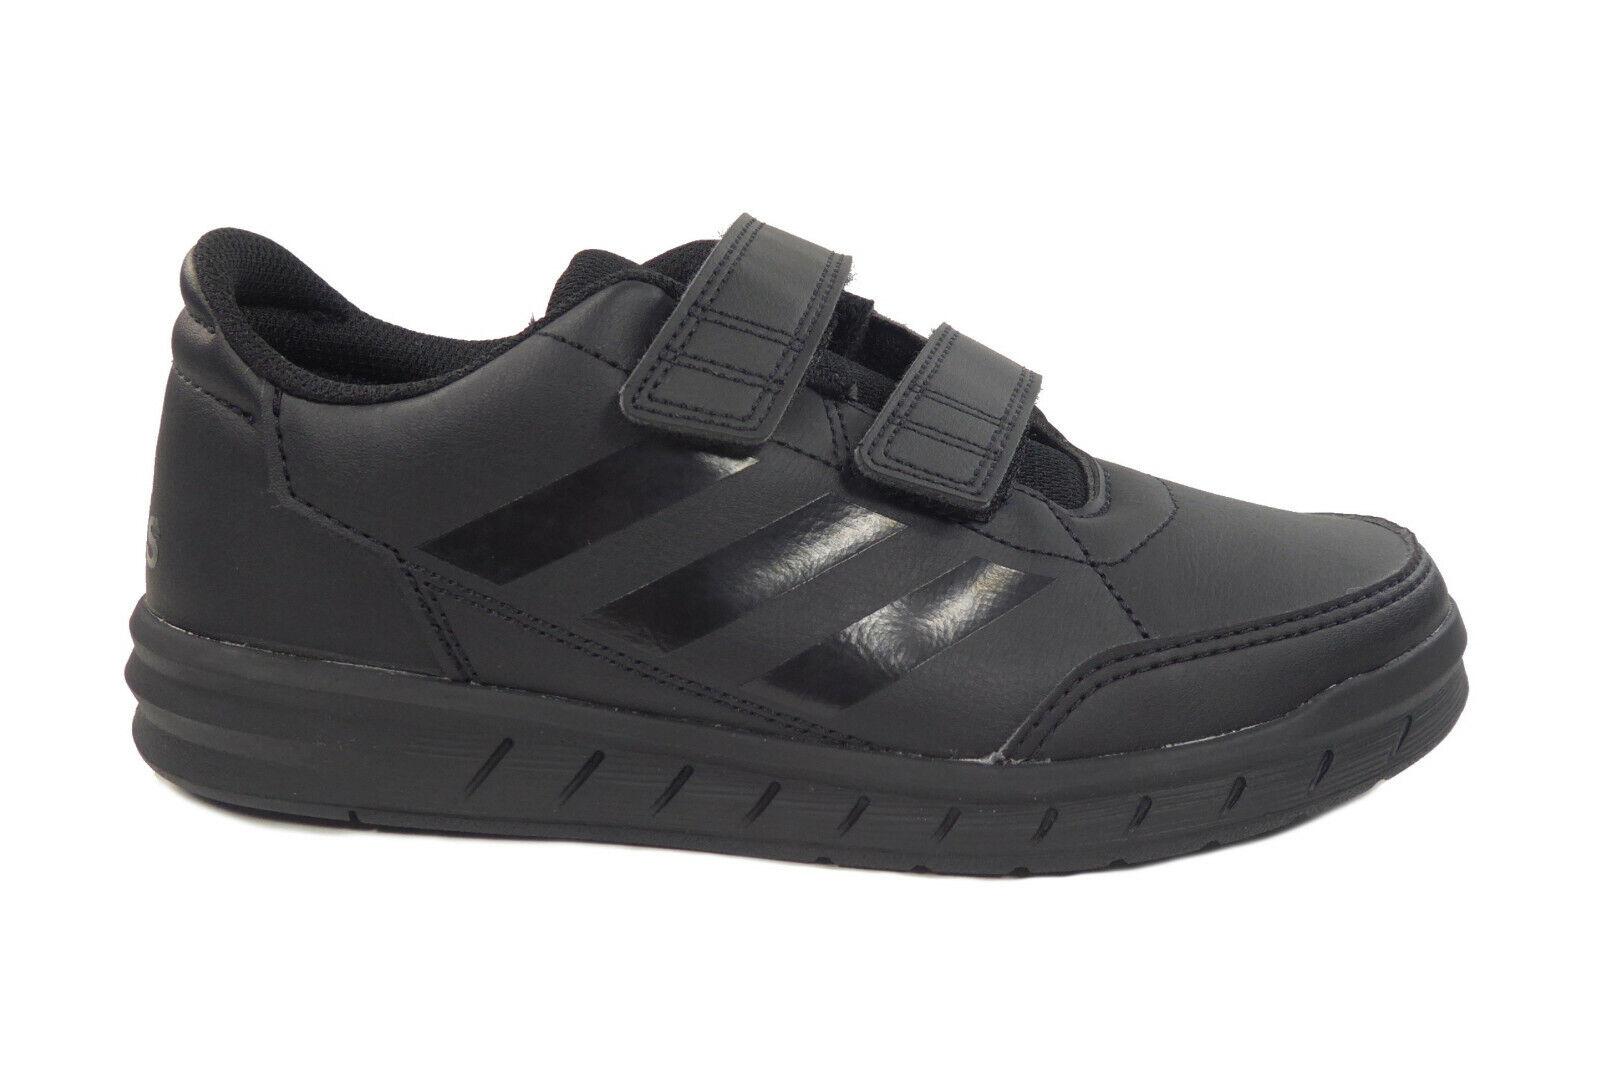 Adidas Schuhe Kinder Schwarz Vergleich Test +++ Adidas